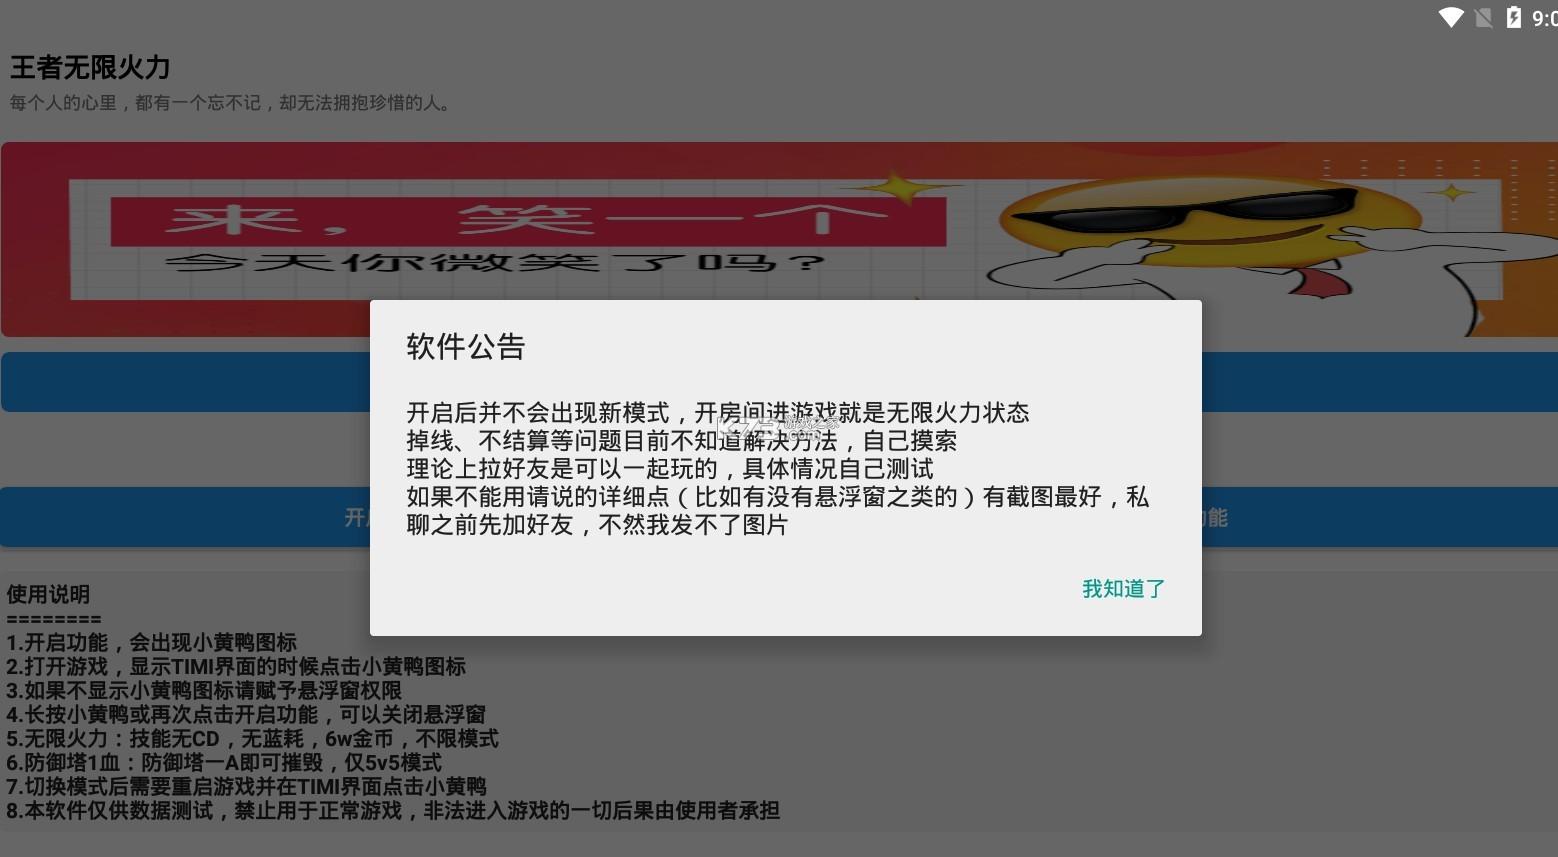 王者无限火力软件 v1.2 截图